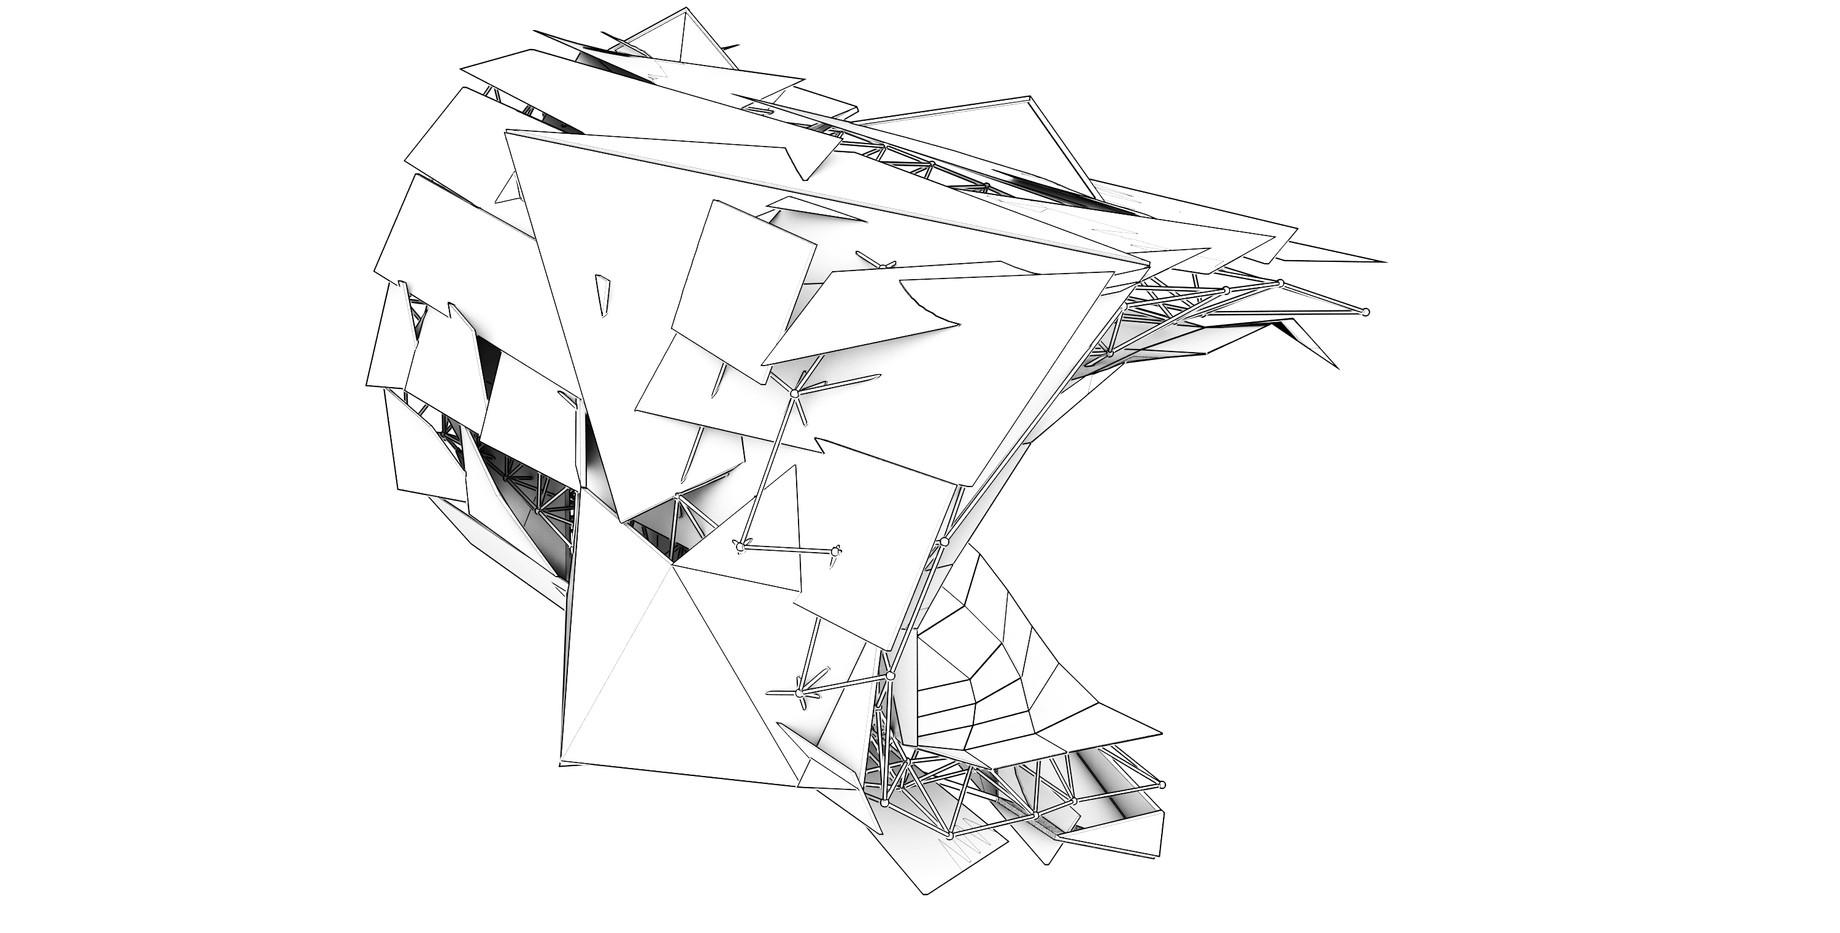 Panel Density Study I